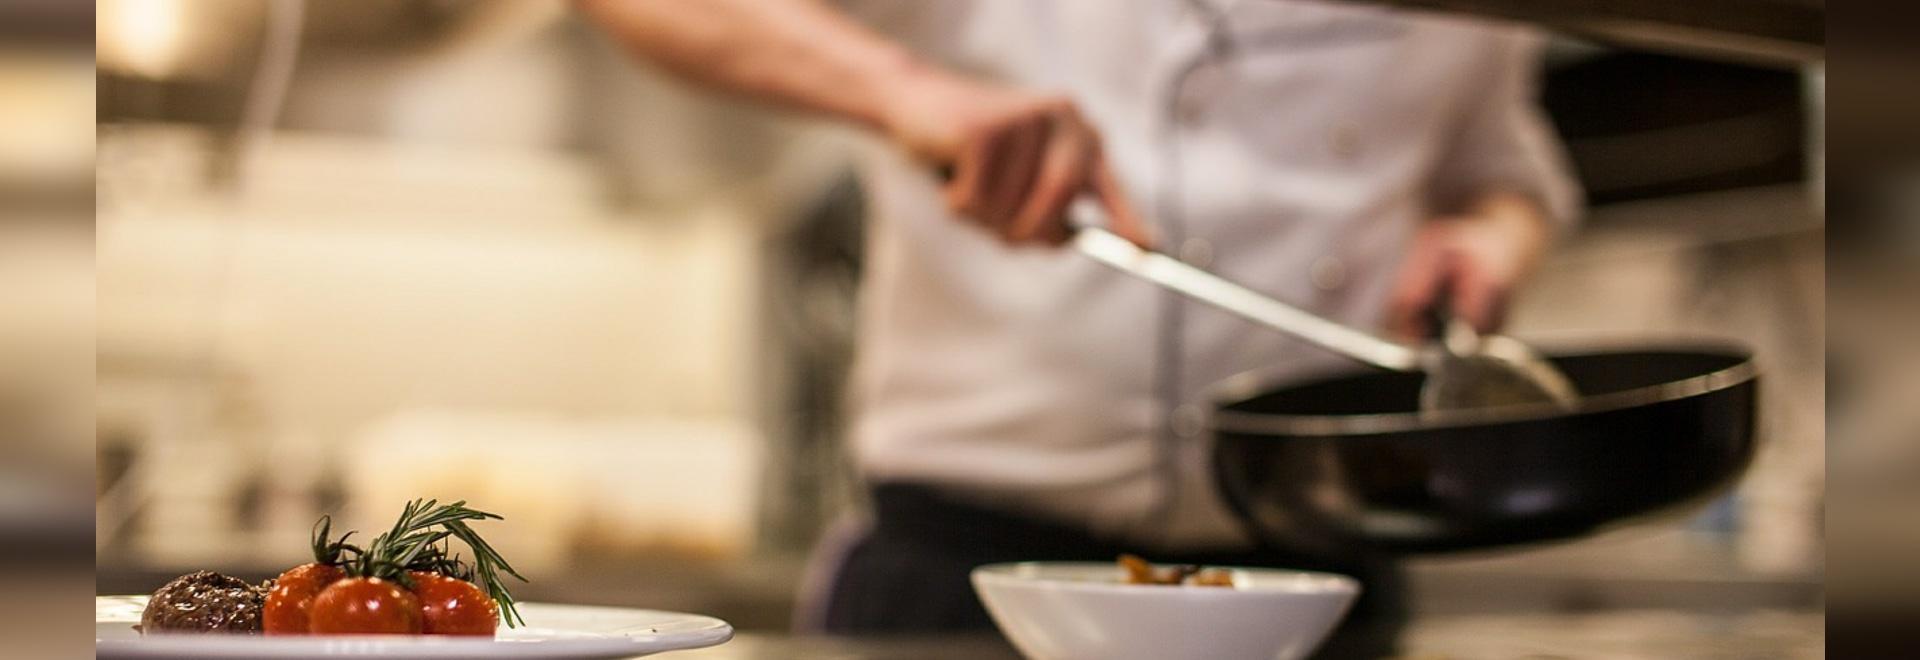 Airfal-Beleuchtungen für industrielle Küchen